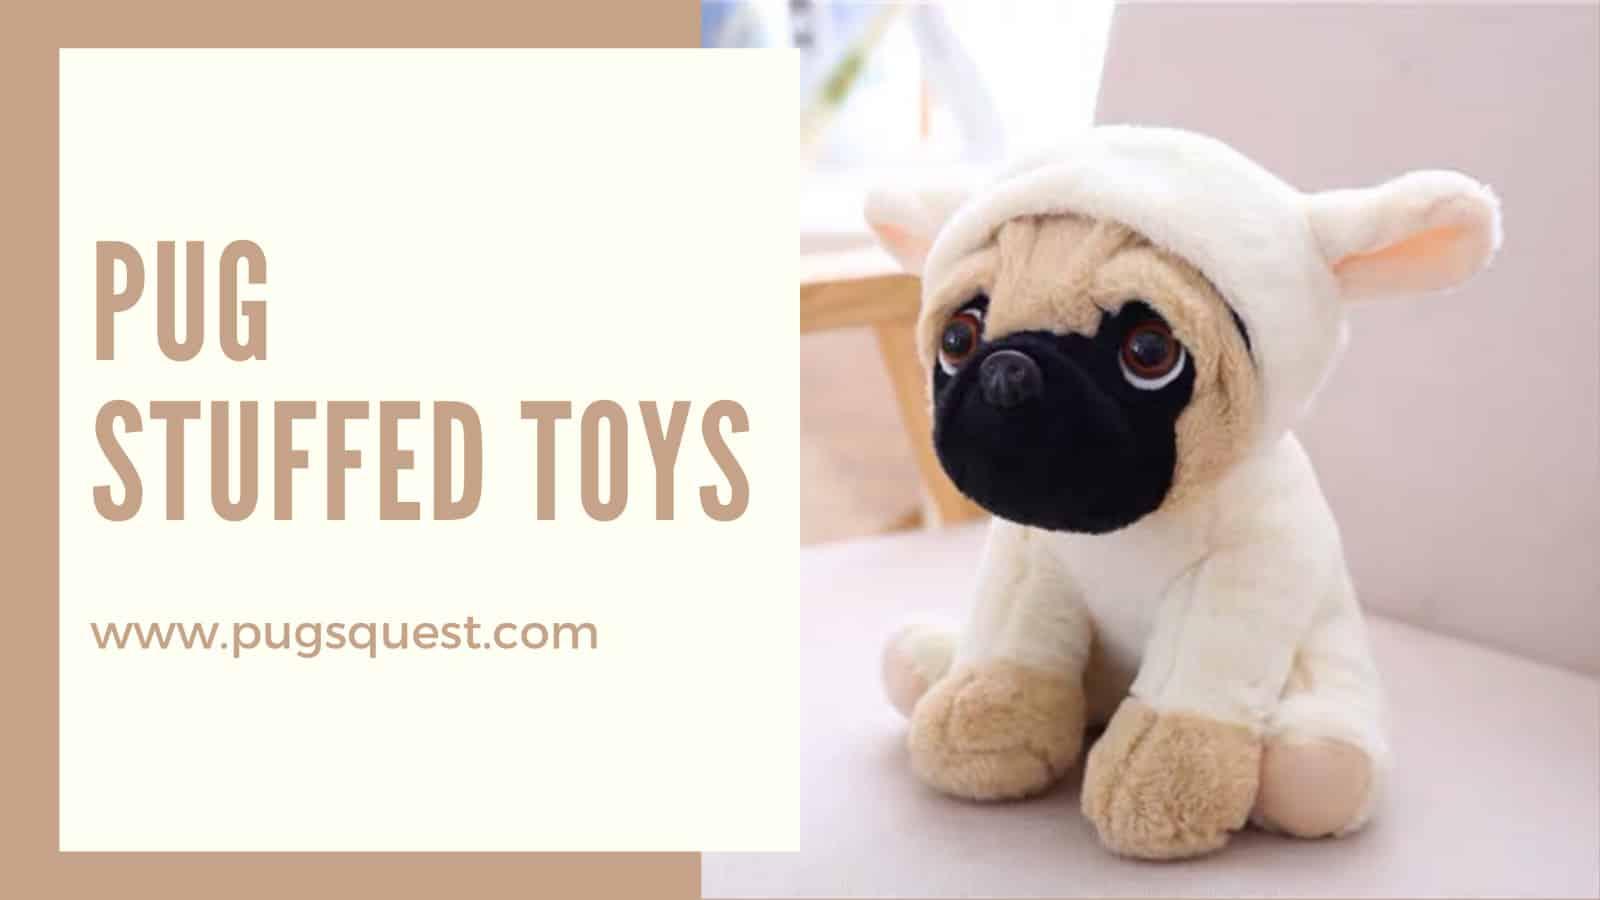 Pug Stuffed Toys